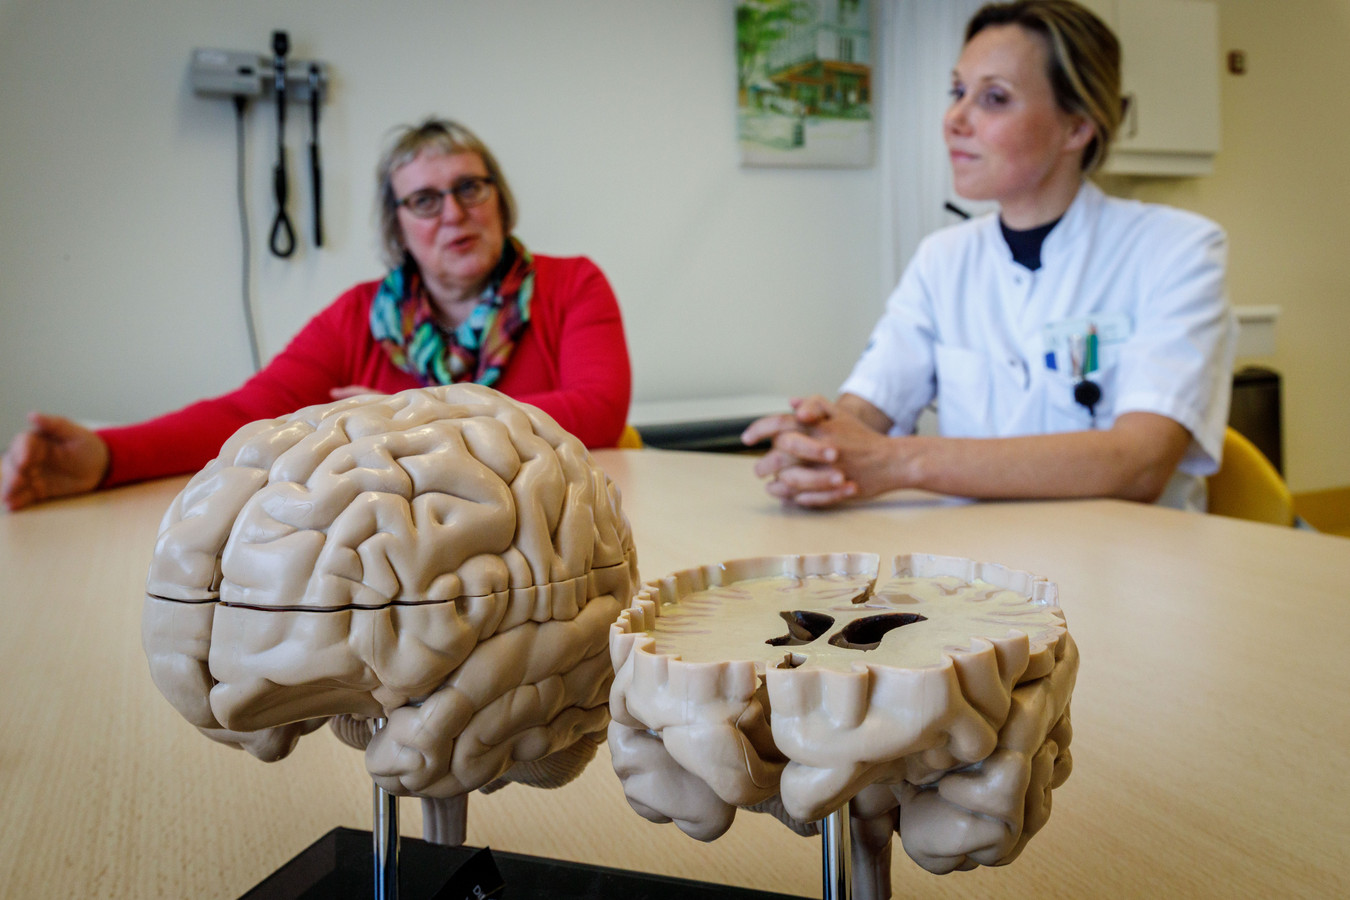 Isala-neuroloog Esther Zeinstra (rechts) is sceptisch over stamceltherapie in het buitenland. Onderzoeker Ellen Kramer (links) probeert de komende tijd in kaart te brengen hoeveel Nederlanders hun heil over de grens zoeken en wat het ze oplevert.